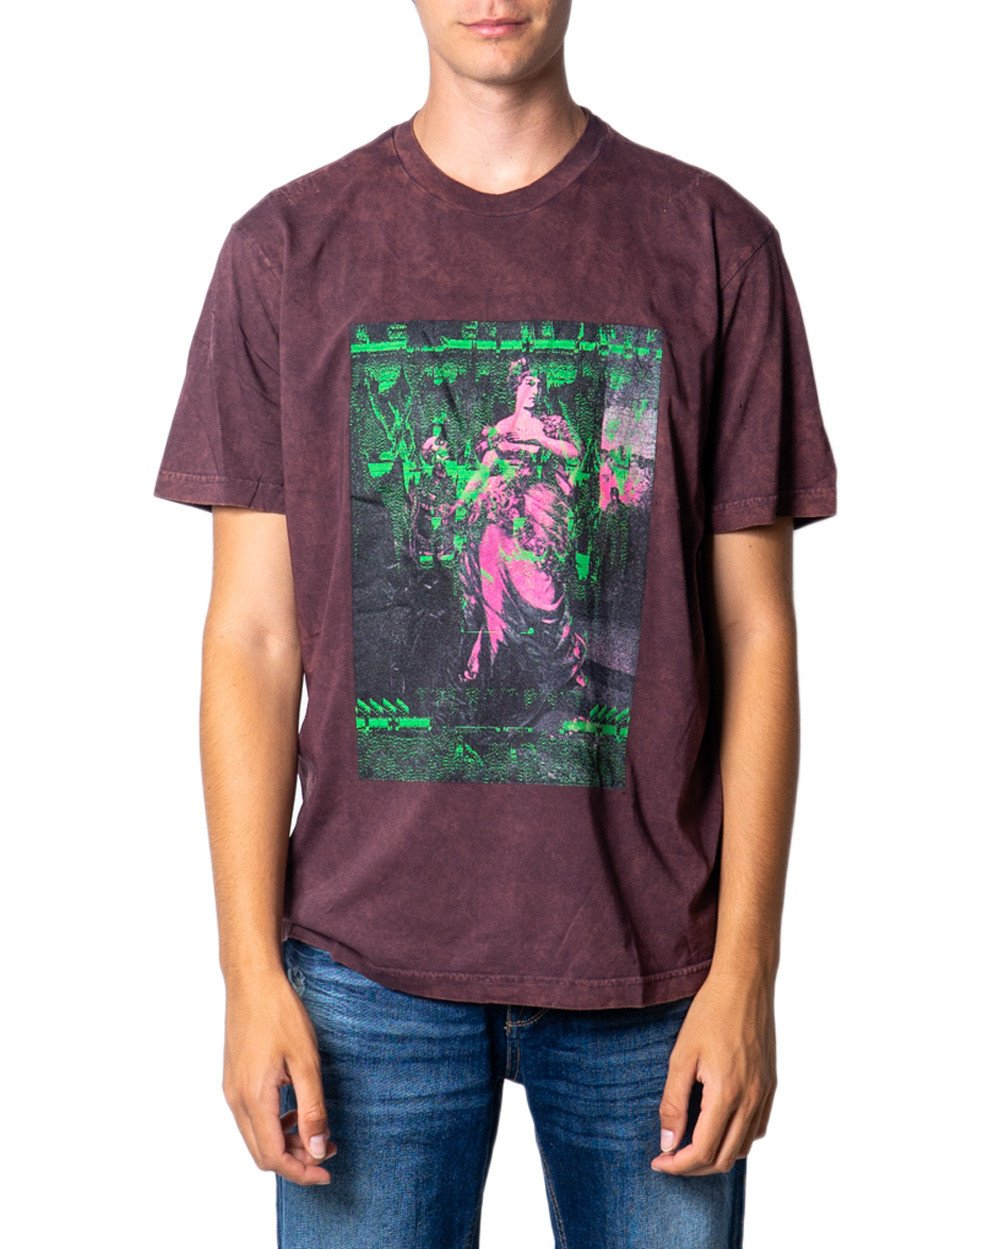 Diesel Men's T-Shirt Various Colours 175468 - bordeaux-3 L